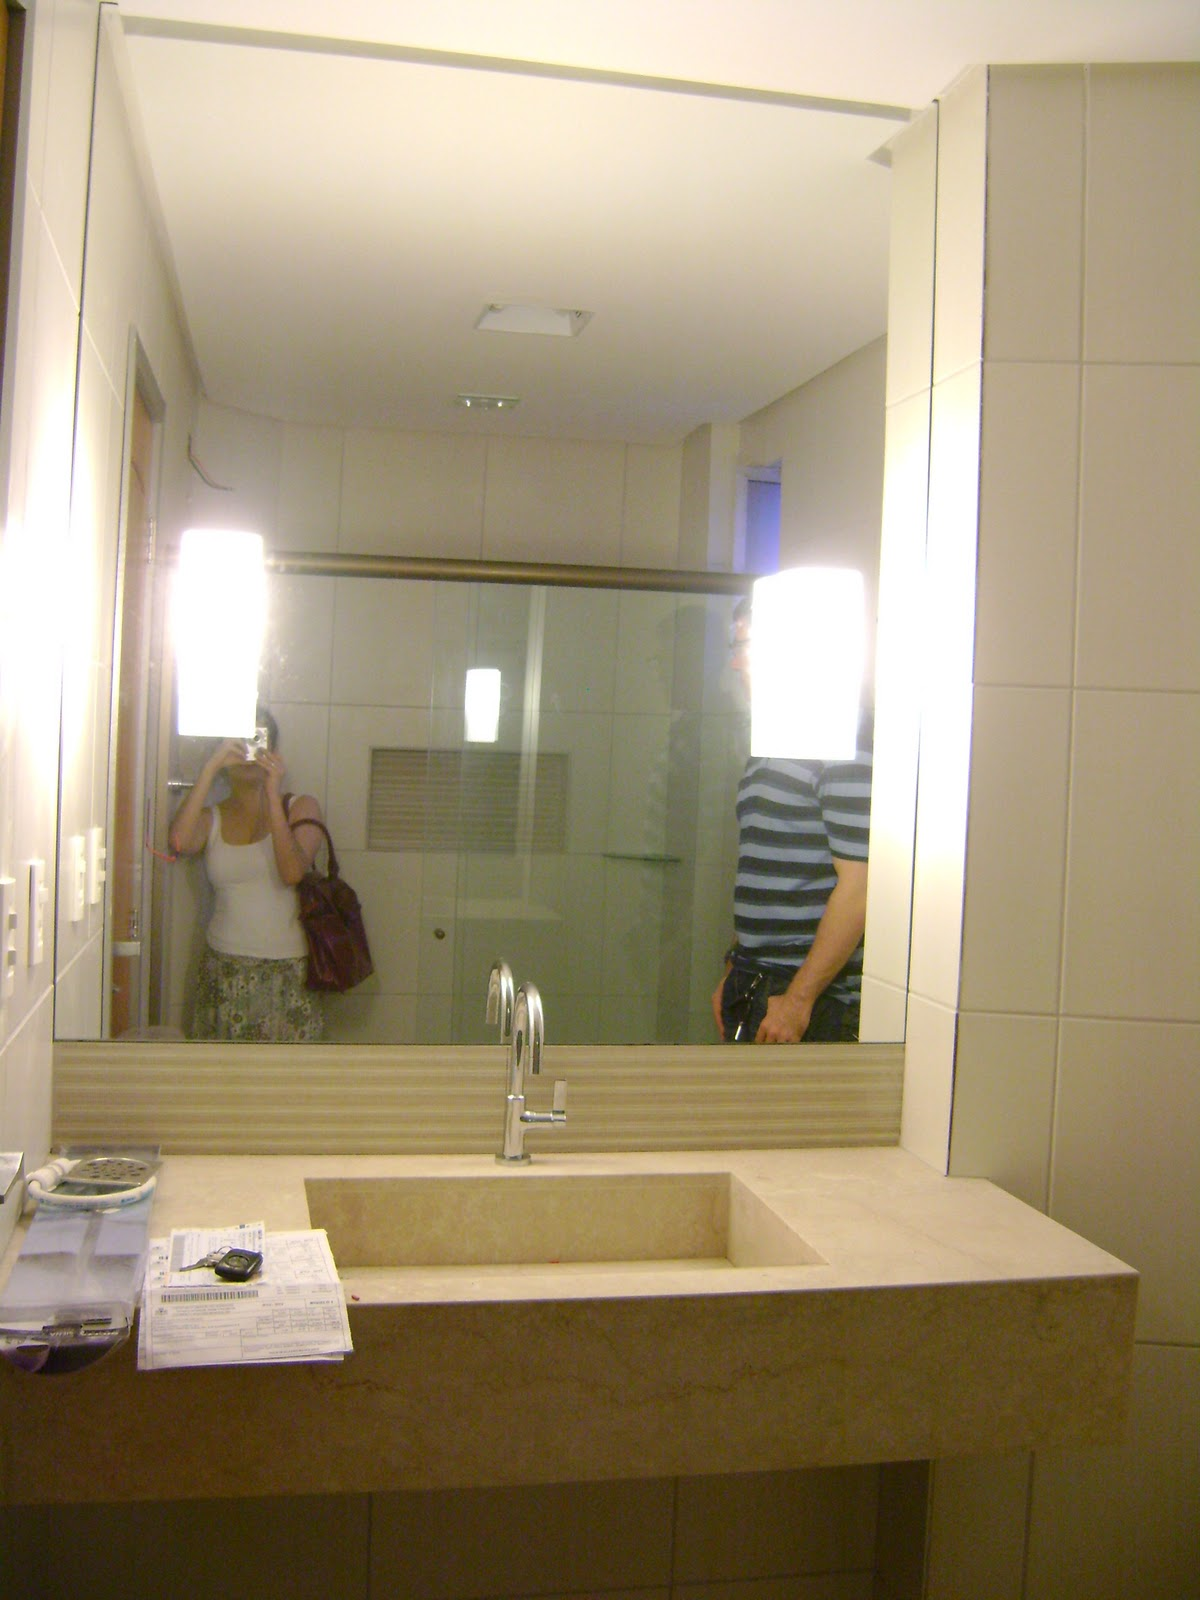 Iluminação no espelho: lá no apê tem!! (Atualizado):casa e imoveis  #403013 1200 1600